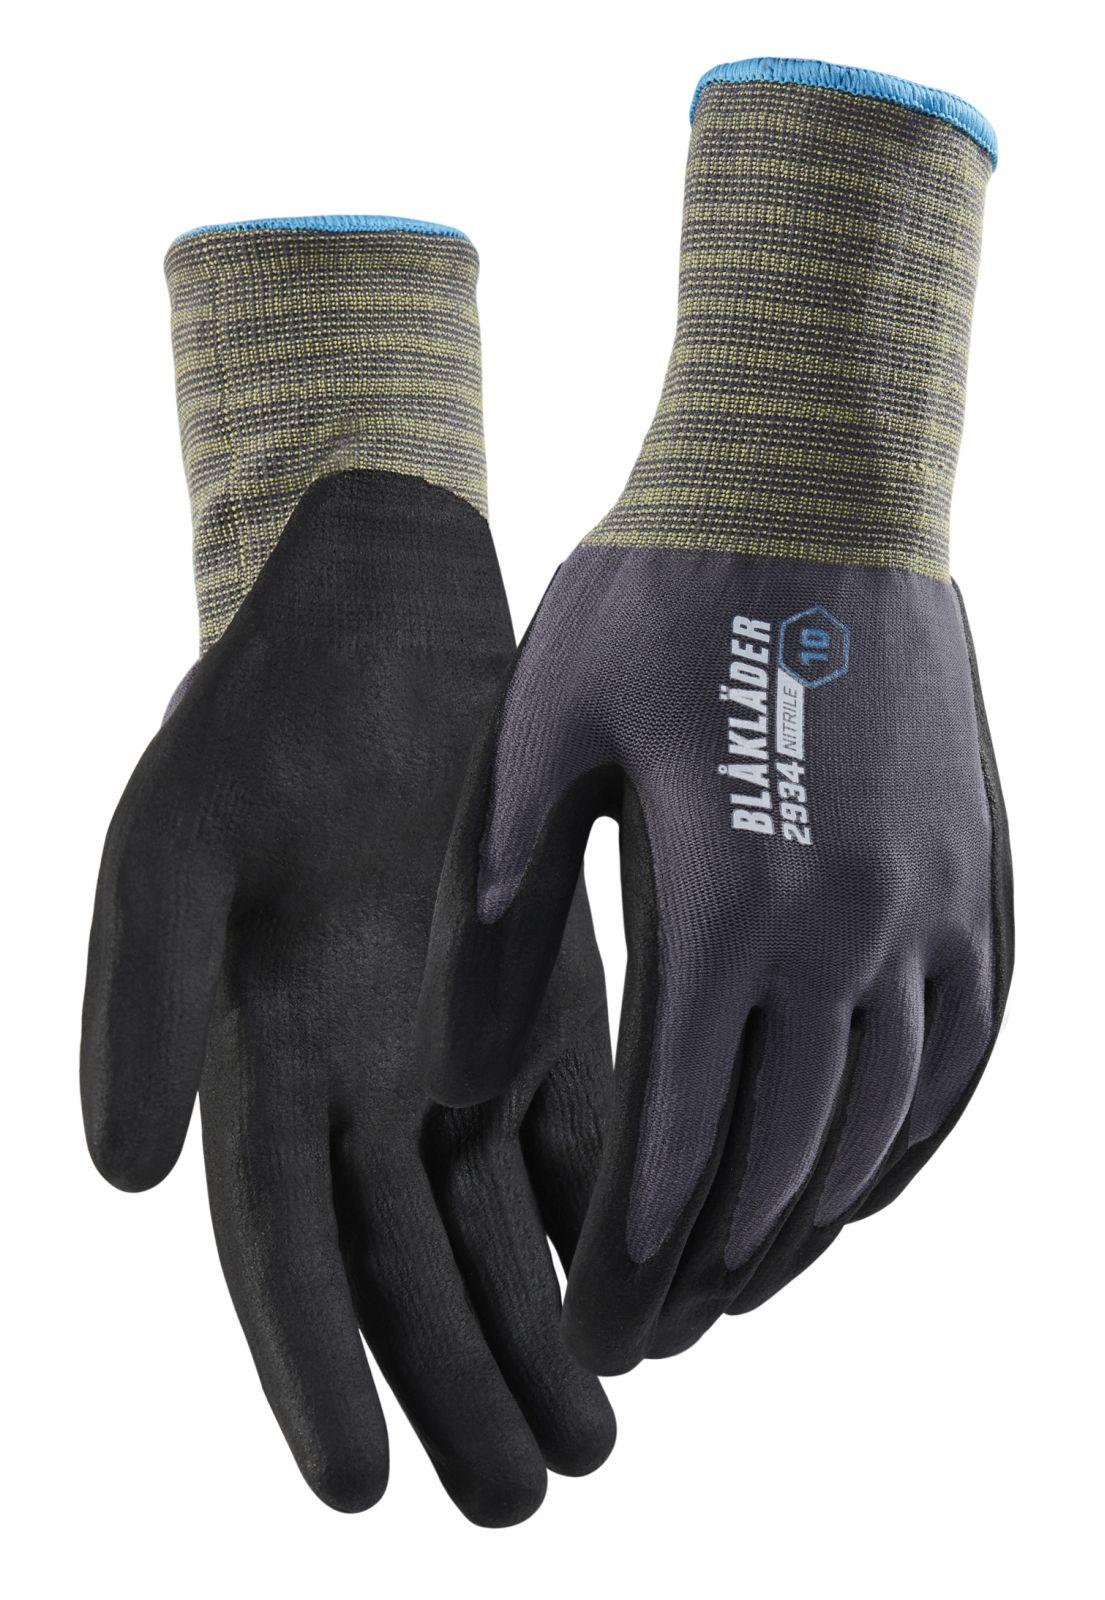 Blaklader handschoenen 29341456 grijs(9400)